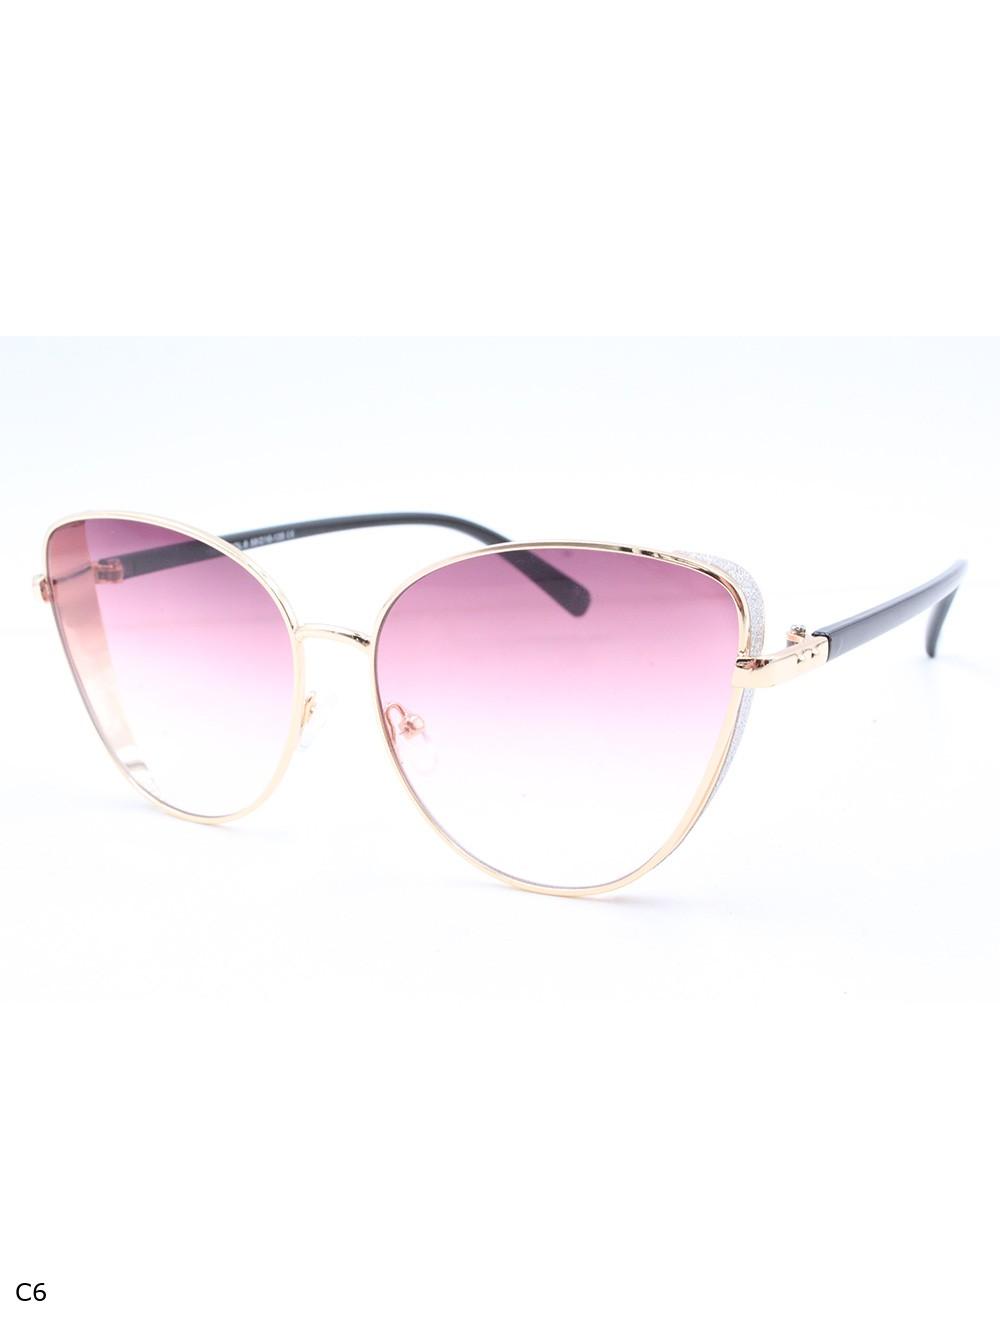 172d4546b8814 Очки-Dior - D18052 - купить Солнцезащитные очки в интернет магазине ...